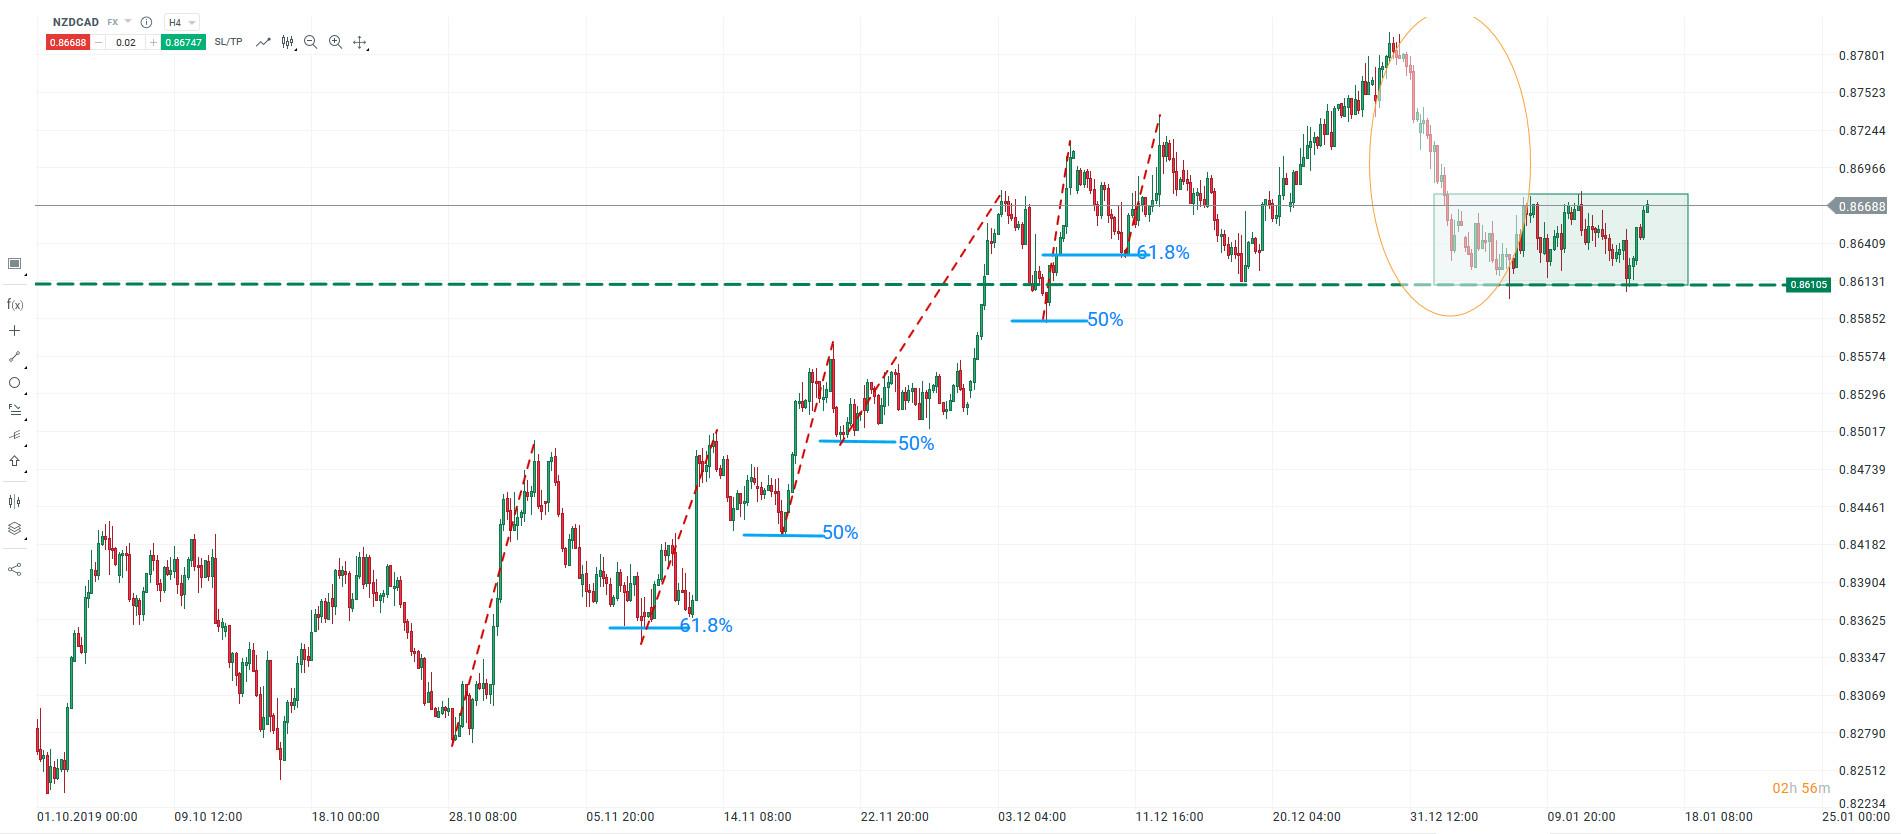 Walka dolara nowozelandzkiego o wyższe poziomy. Czy to koniec spadków na tej parze?